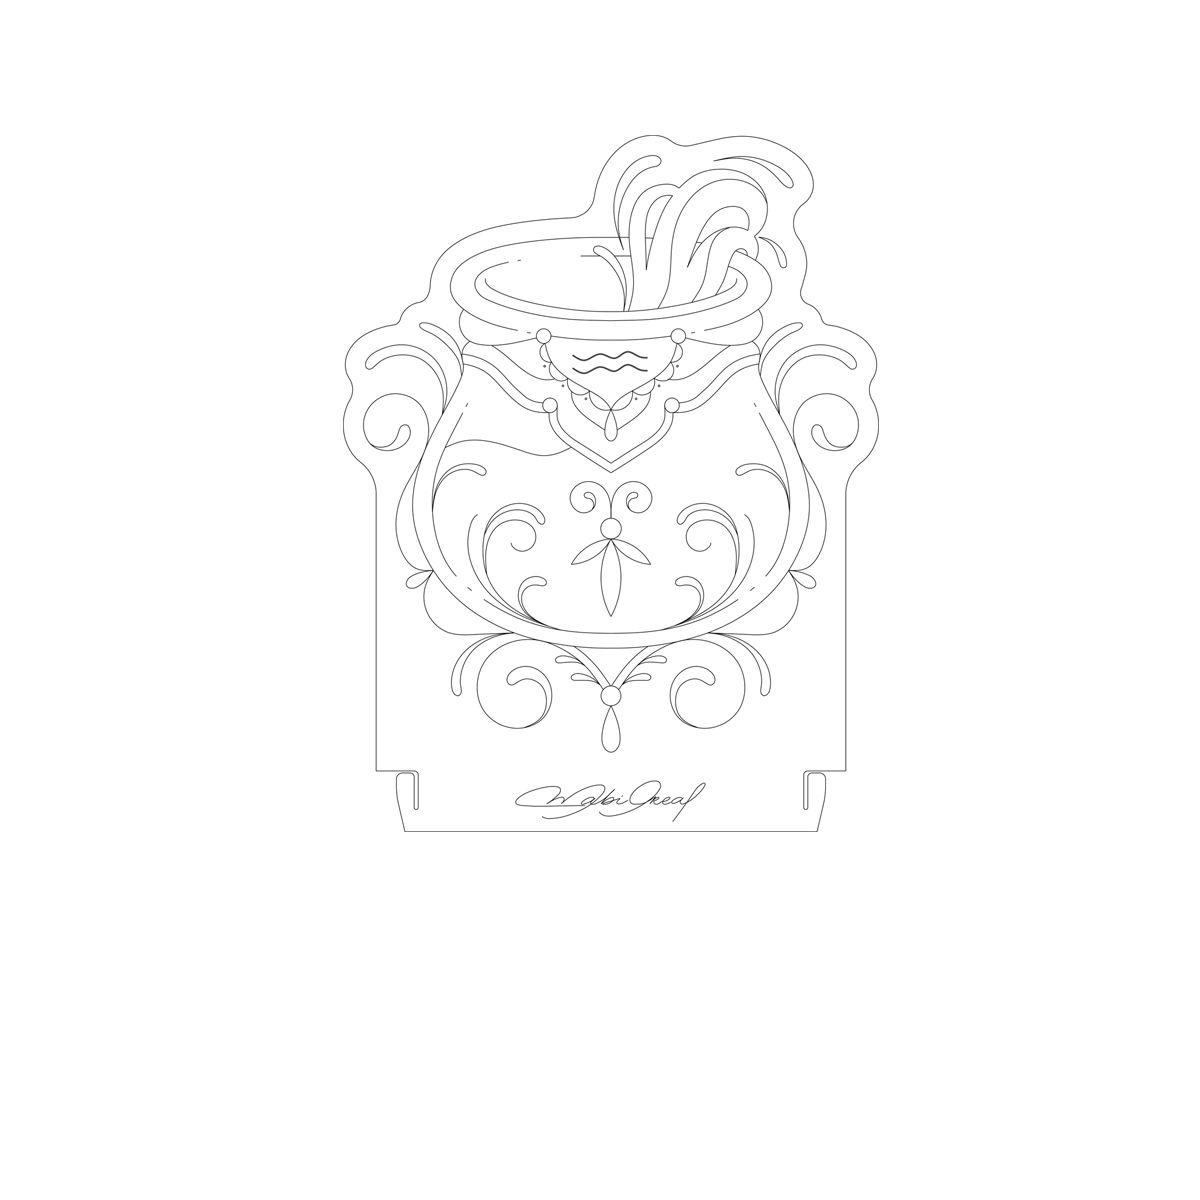 Signo - Acrílico Aquário